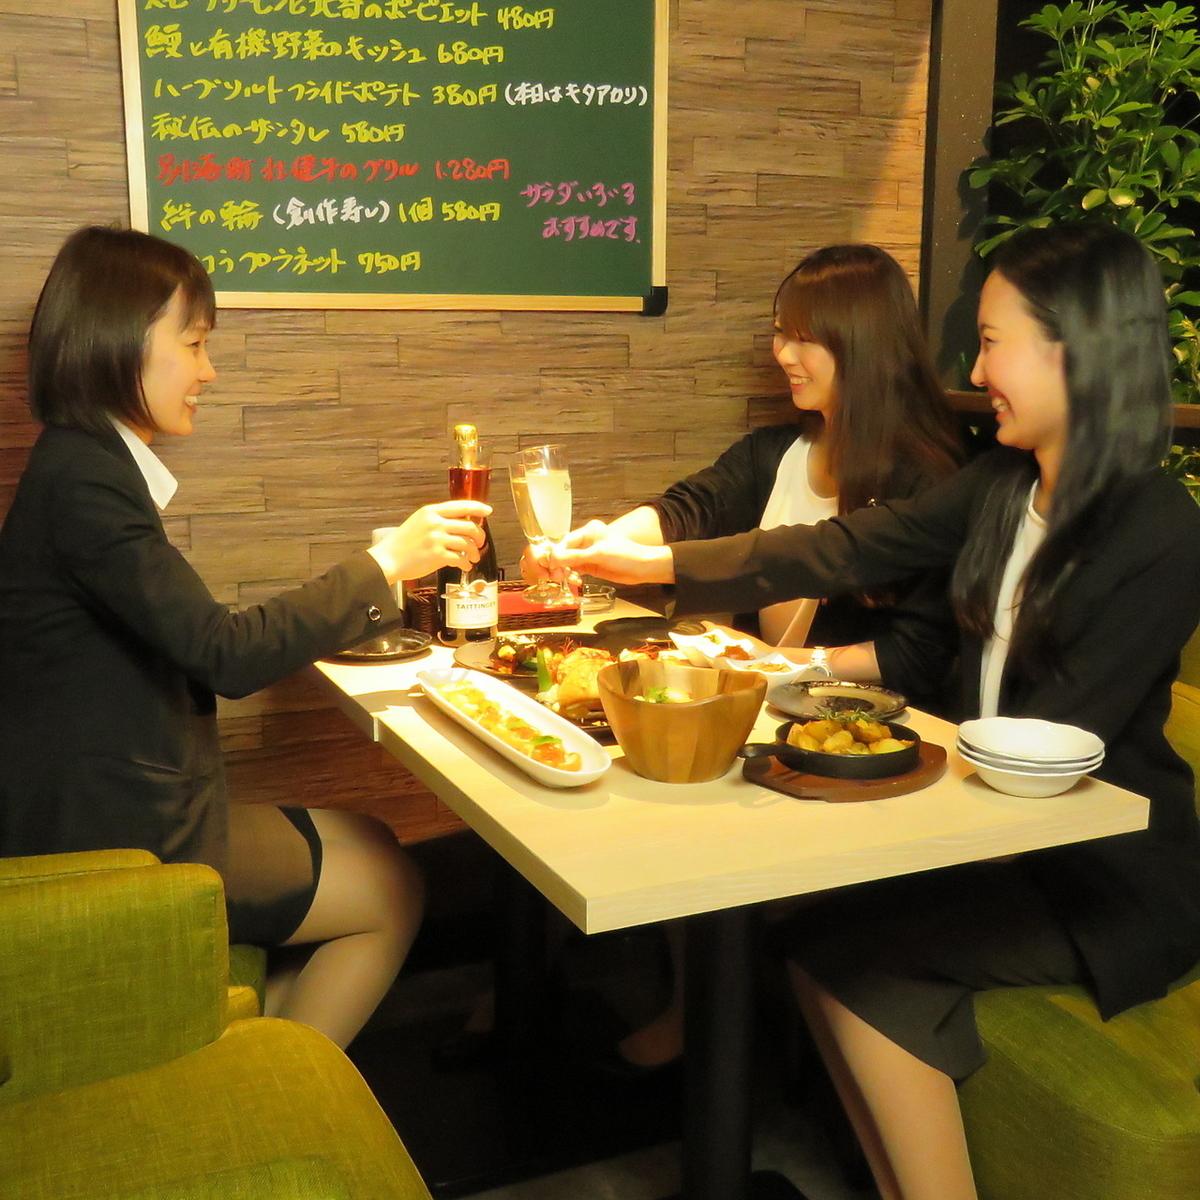 ゆったり寛ぎいただけるテーブル席♪女子会ならではの長時間トークにもってこいなゆったりとしたお席です。女子会限定コースメニューやクーポンご利用で格安に!クーポンページと併せてご覧ください。